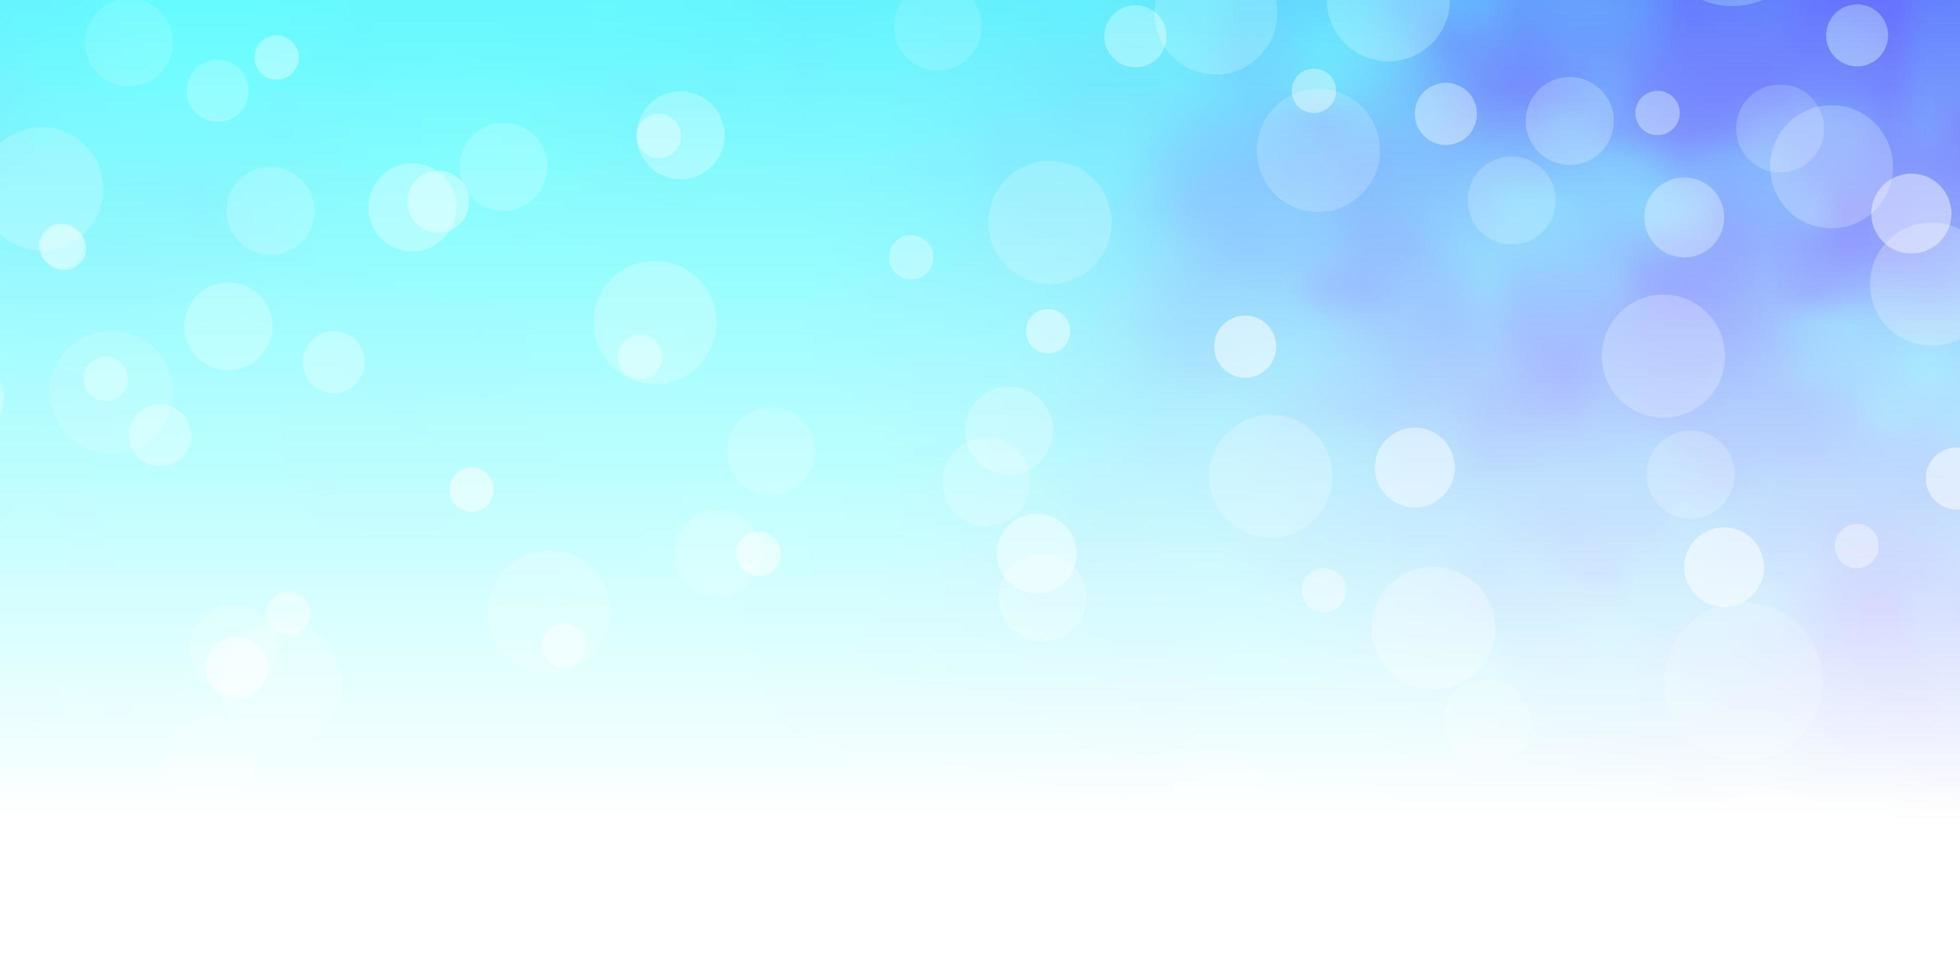 ljusblå vektorlayout med cirklar vektor